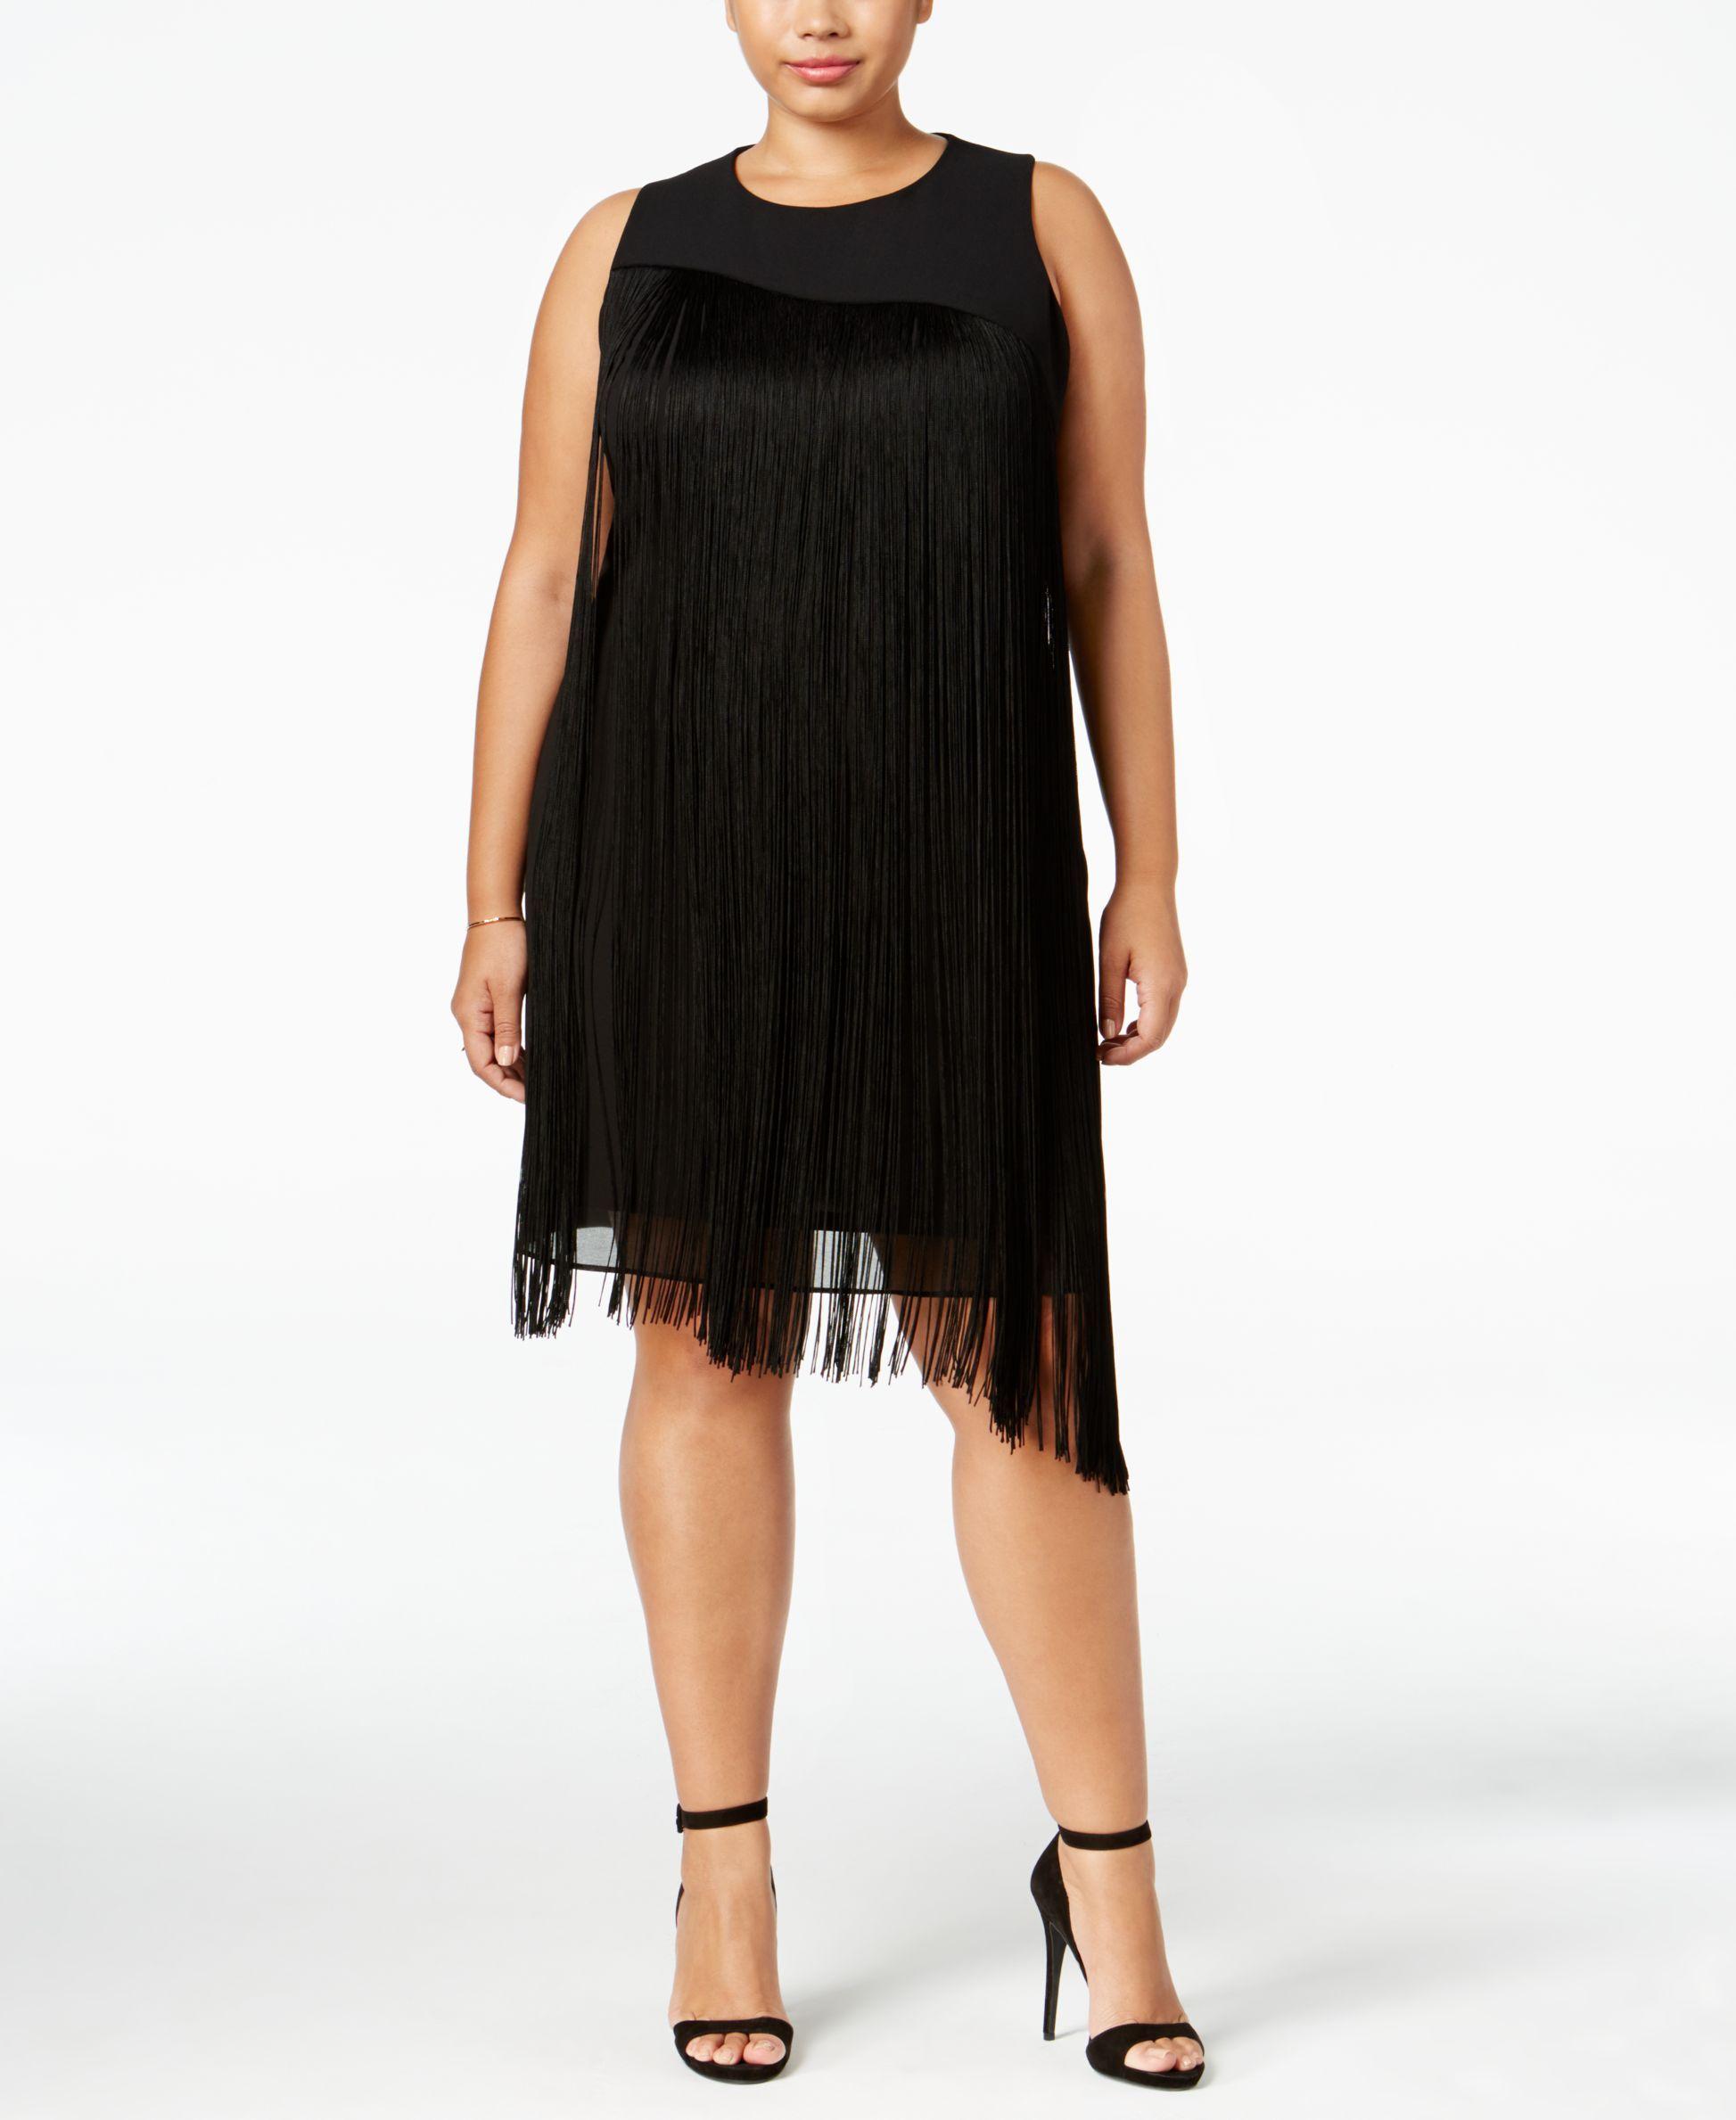 c9bc98a72a6 Rachel Rachel Roy Curvy Plus Size Asymmetrical Fringe Dress